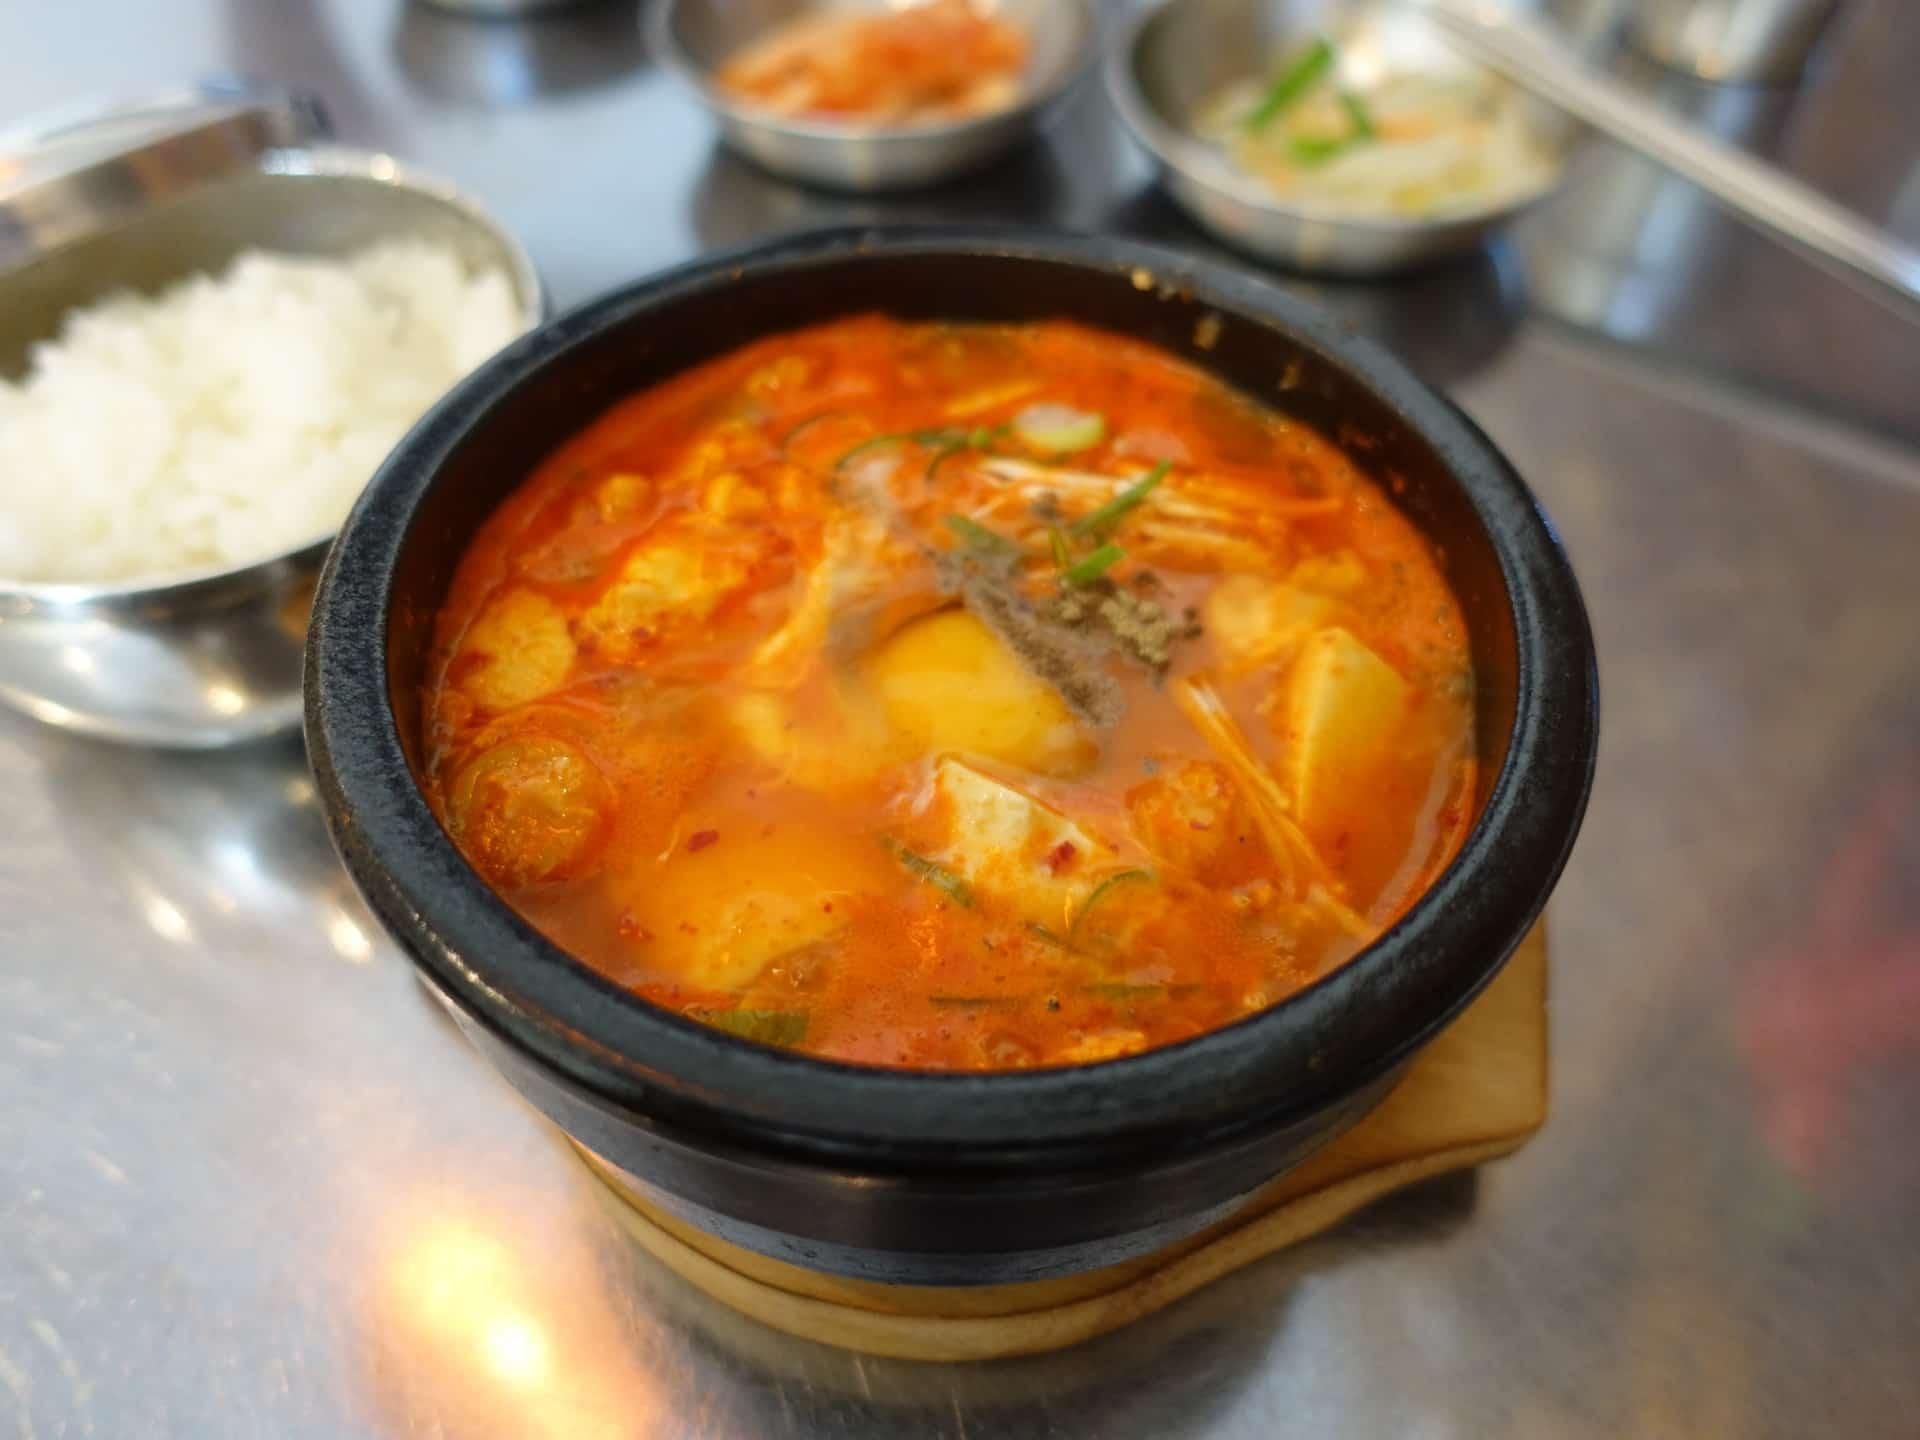 韓国料理オモニ − 神戸・三宮で本場の味!日替わりランチは700円台でおかず・ごはん食べ放題